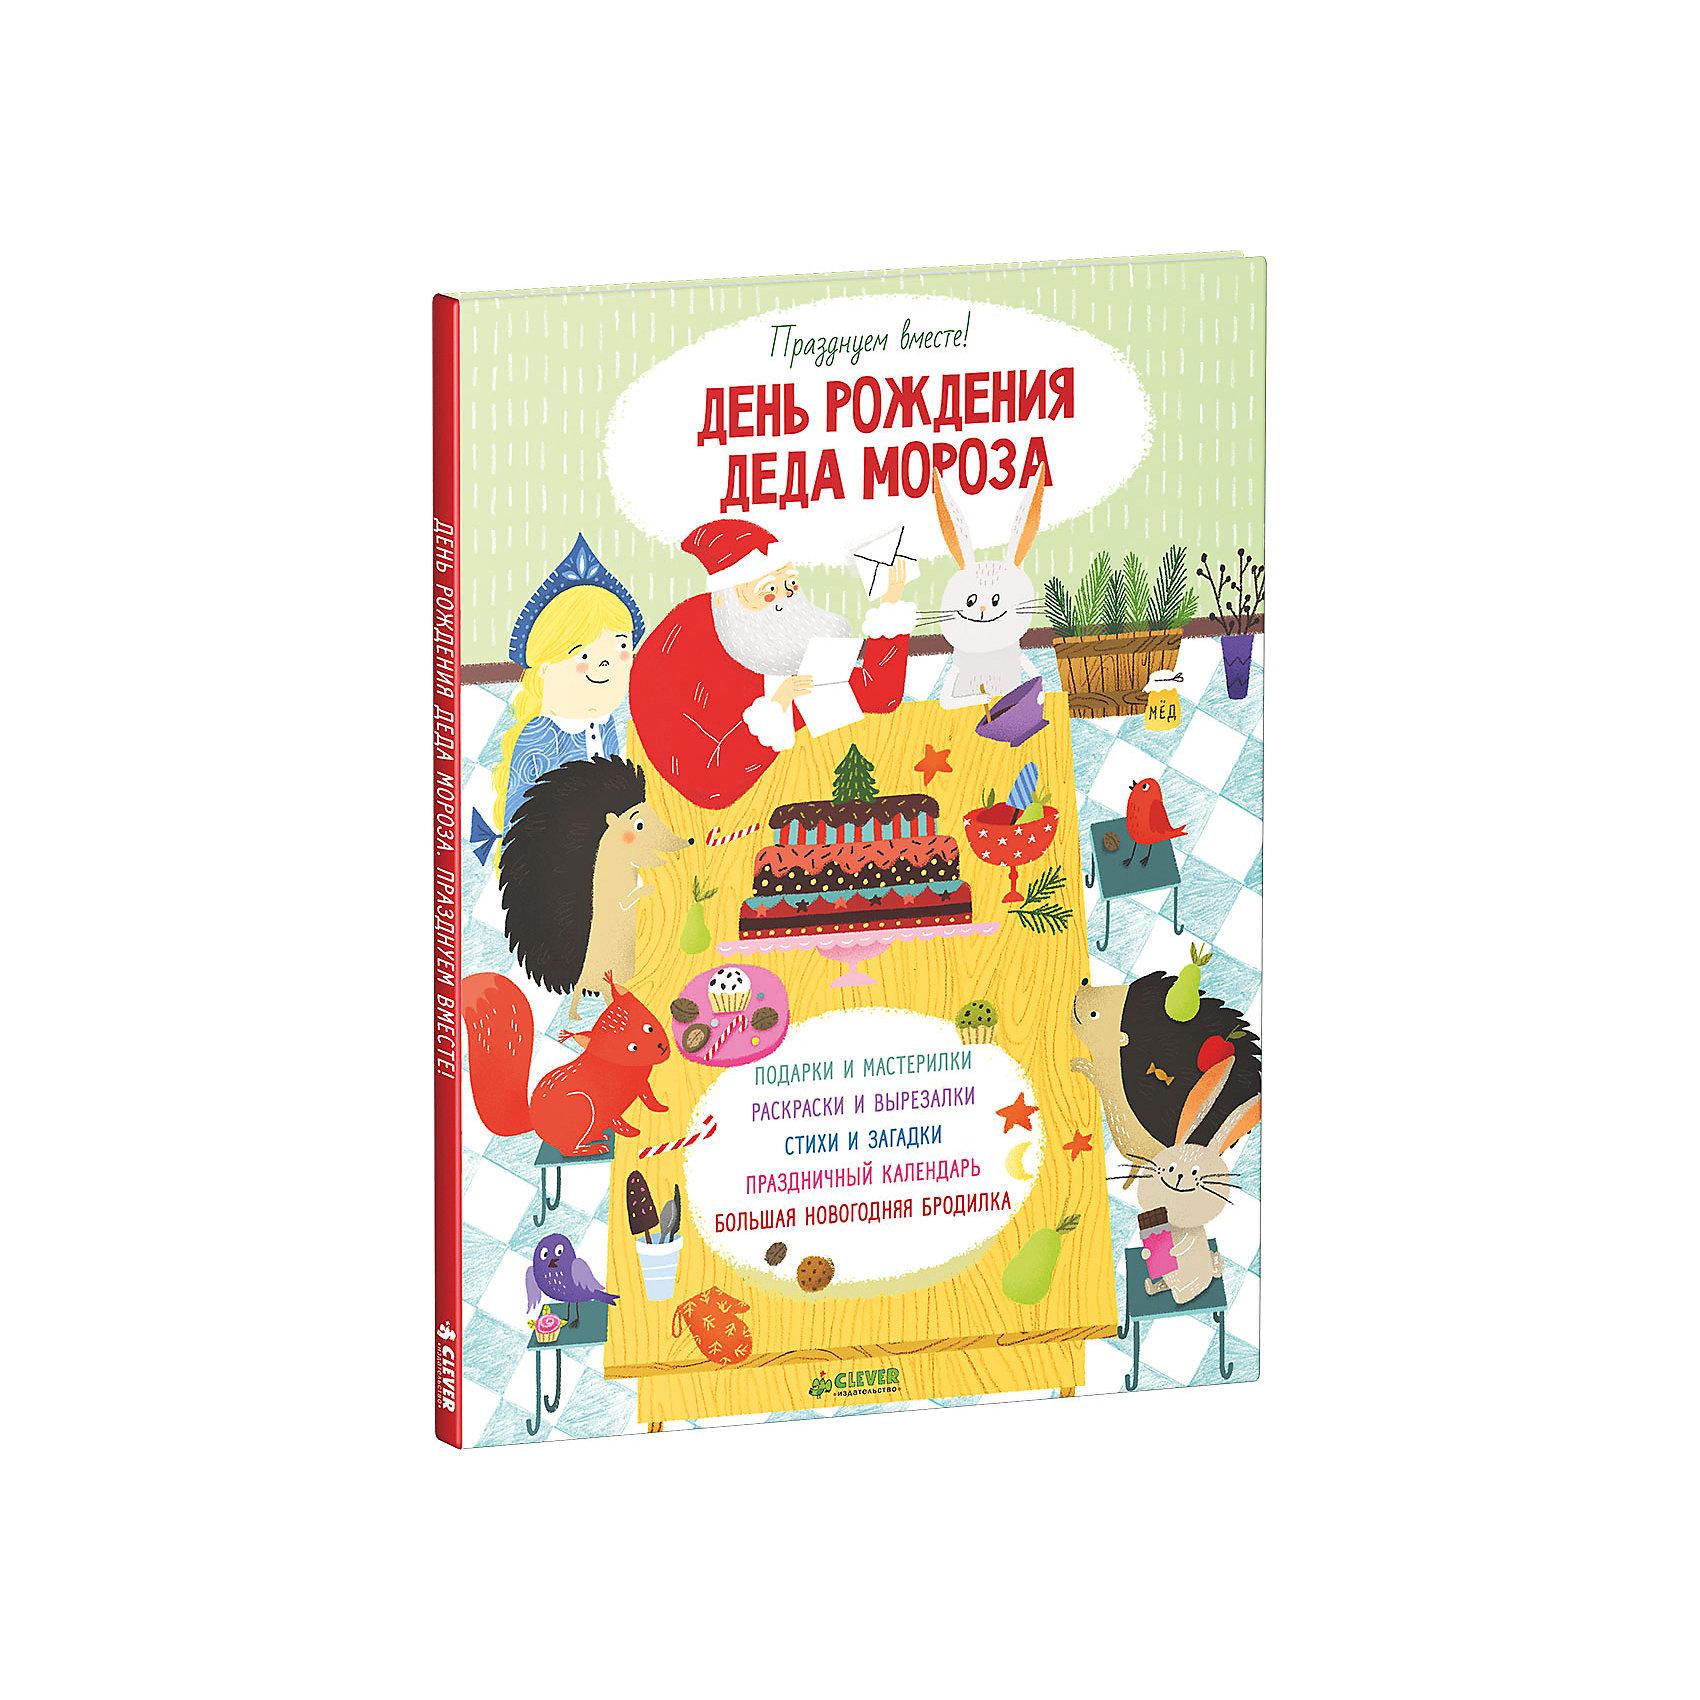 День рождения Деда Мороза Празднуем вместе!День рождения Деда Мороза Празднуем вместе! – это красочно иллюстрированная книга для творчества.<br>Творческая новогодняя книжка с подарками и мастерилками, раскрасками и вырезалками, письмом Деду Морозу, стихами и загадками, праздничным календарем и большой новогодней бродилкой. Ребенок побывает в гостях у Деда Мороза, прогуляется по его сказочному терему, познакомится с помощниками и друзьями, смастерит украшения и подарки, поиграет в веселые игры, сделает свой собственный новогодний календарь с заданиями на каждый день. А главное, почувствует, что любимый праздник - Новый год – не за горами, он совсем рядом, и очень скоро наши дома заполнит волшебный запах хвои и мандаринов, и можно снова мечтать и верить в исполнение желание. В книге: плотные страницы, яркие красочные иллюстрации; четкие пошаговые инструкции поделок, календаря желаний, снежинок; выкройки открыток, бирок для подарков, украшений на елку; отдельный лист «Письмо Деду Морозу.<br><br>Дополнительная информация:<br><br>- Автор: Нилова Татьяна<br>- Художник: Шендрик Светлана<br>- Редактор: Измайлова Елена<br>- Издательство: Клевер Медиа Групп, 2015 г.<br>- Серия: Новый Год<br>- Тип обложки: мягкий переплет (крепление скрепкой или клеем)<br>- Иллюстрации: цветные<br>- Количество страниц: 48 (офсет)<br>- Размер: 282x217x6 мм.<br>- Вес: 268 гр.<br><br>Книгу День рождения Деда Мороза Празднуем вместе! можно купить в нашем интернет-магазине.<br><br>Ширина мм: 215<br>Глубина мм: 285<br>Высота мм: 10<br>Вес г: 200<br>Возраст от месяцев: 0<br>Возраст до месяцев: 36<br>Пол: Унисекс<br>Возраст: Детский<br>SKU: 4419610